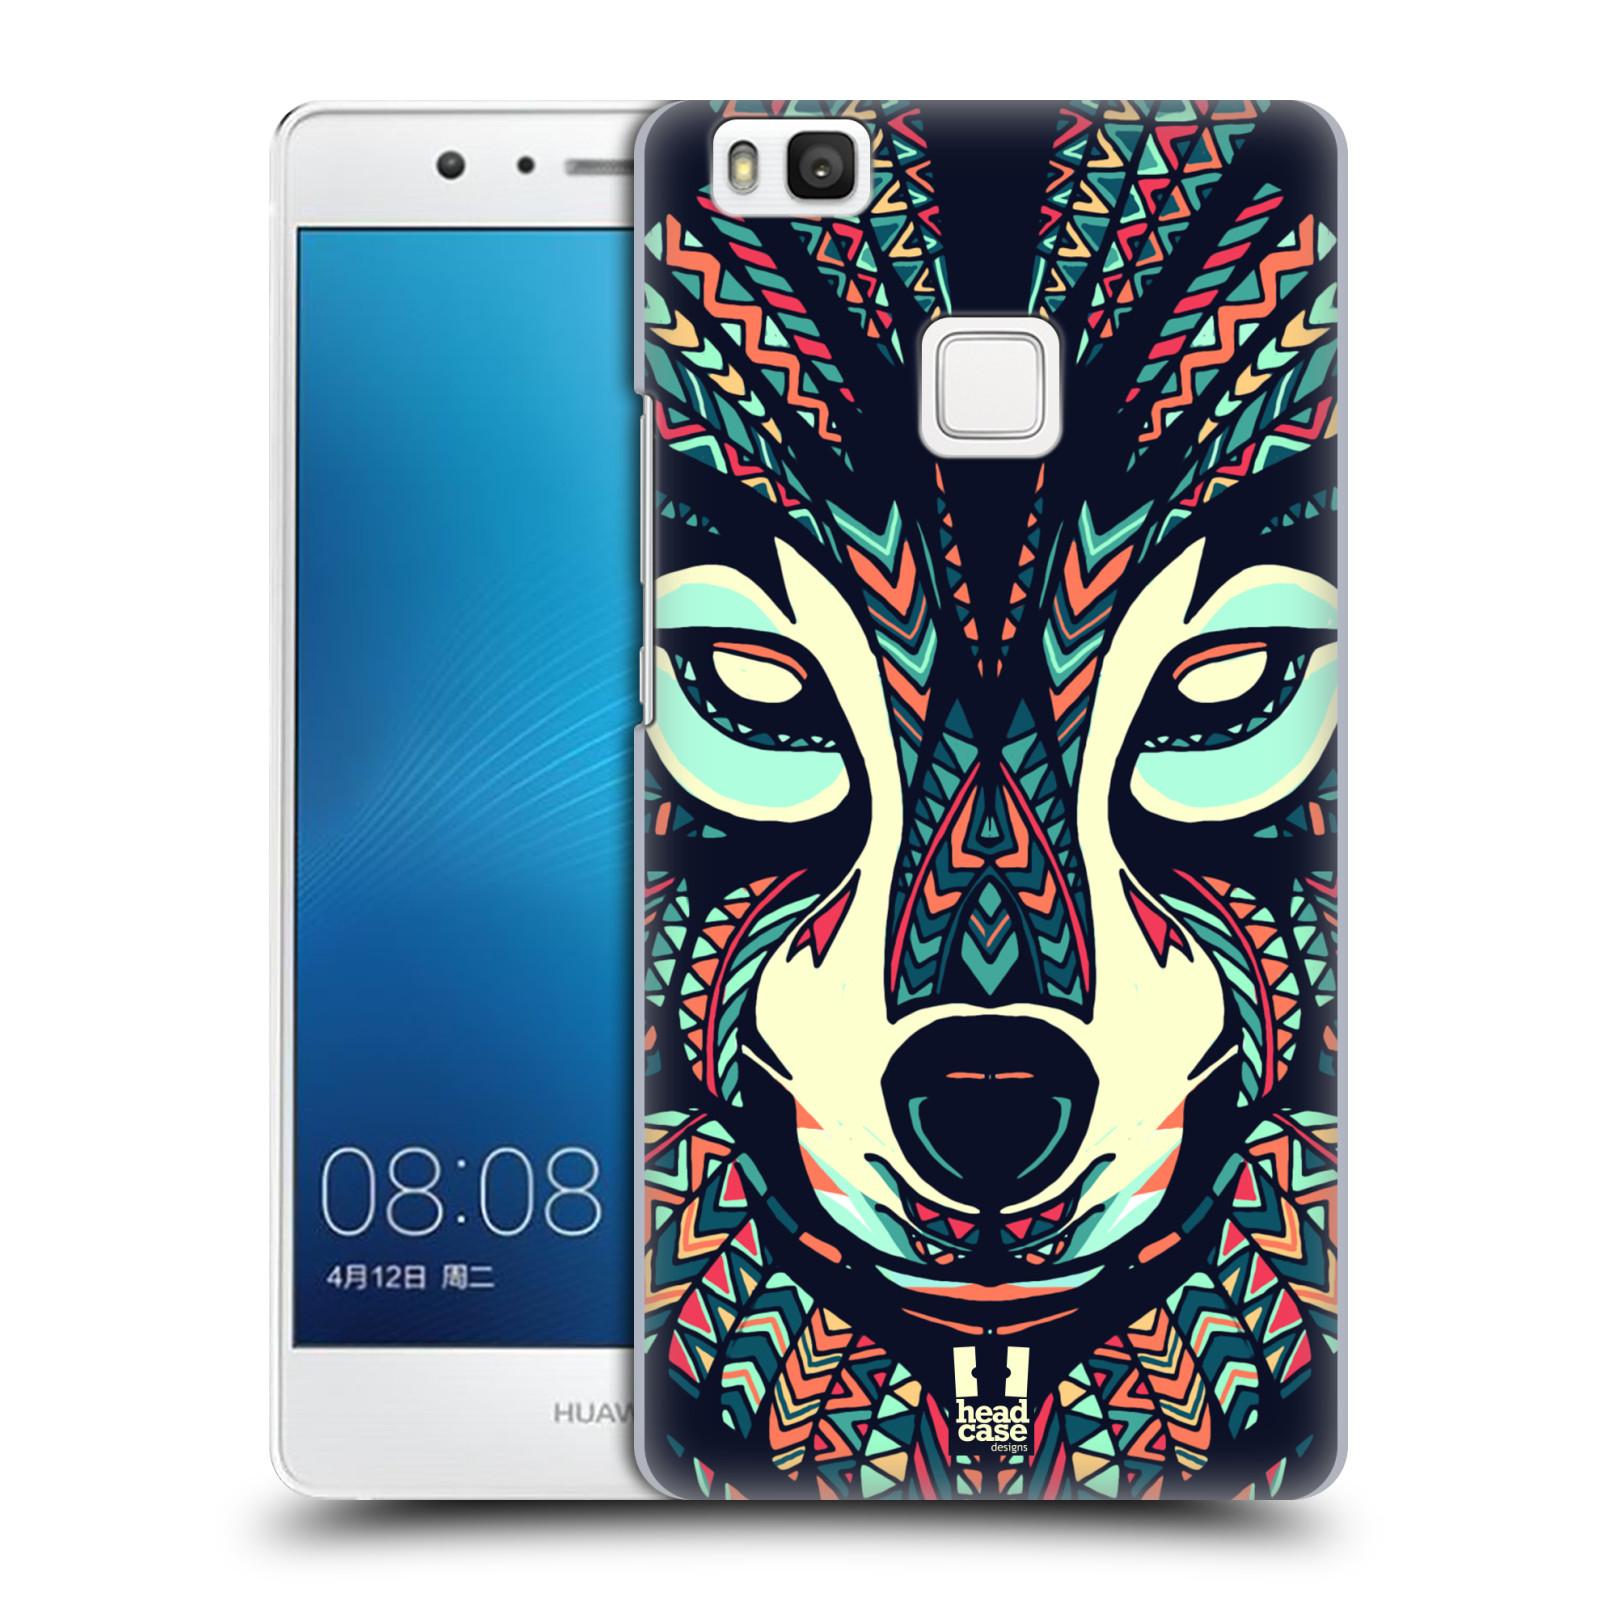 Plastové pouzdro na mobil Huawei P9 Lite HEAD CASE AZTEC VLK